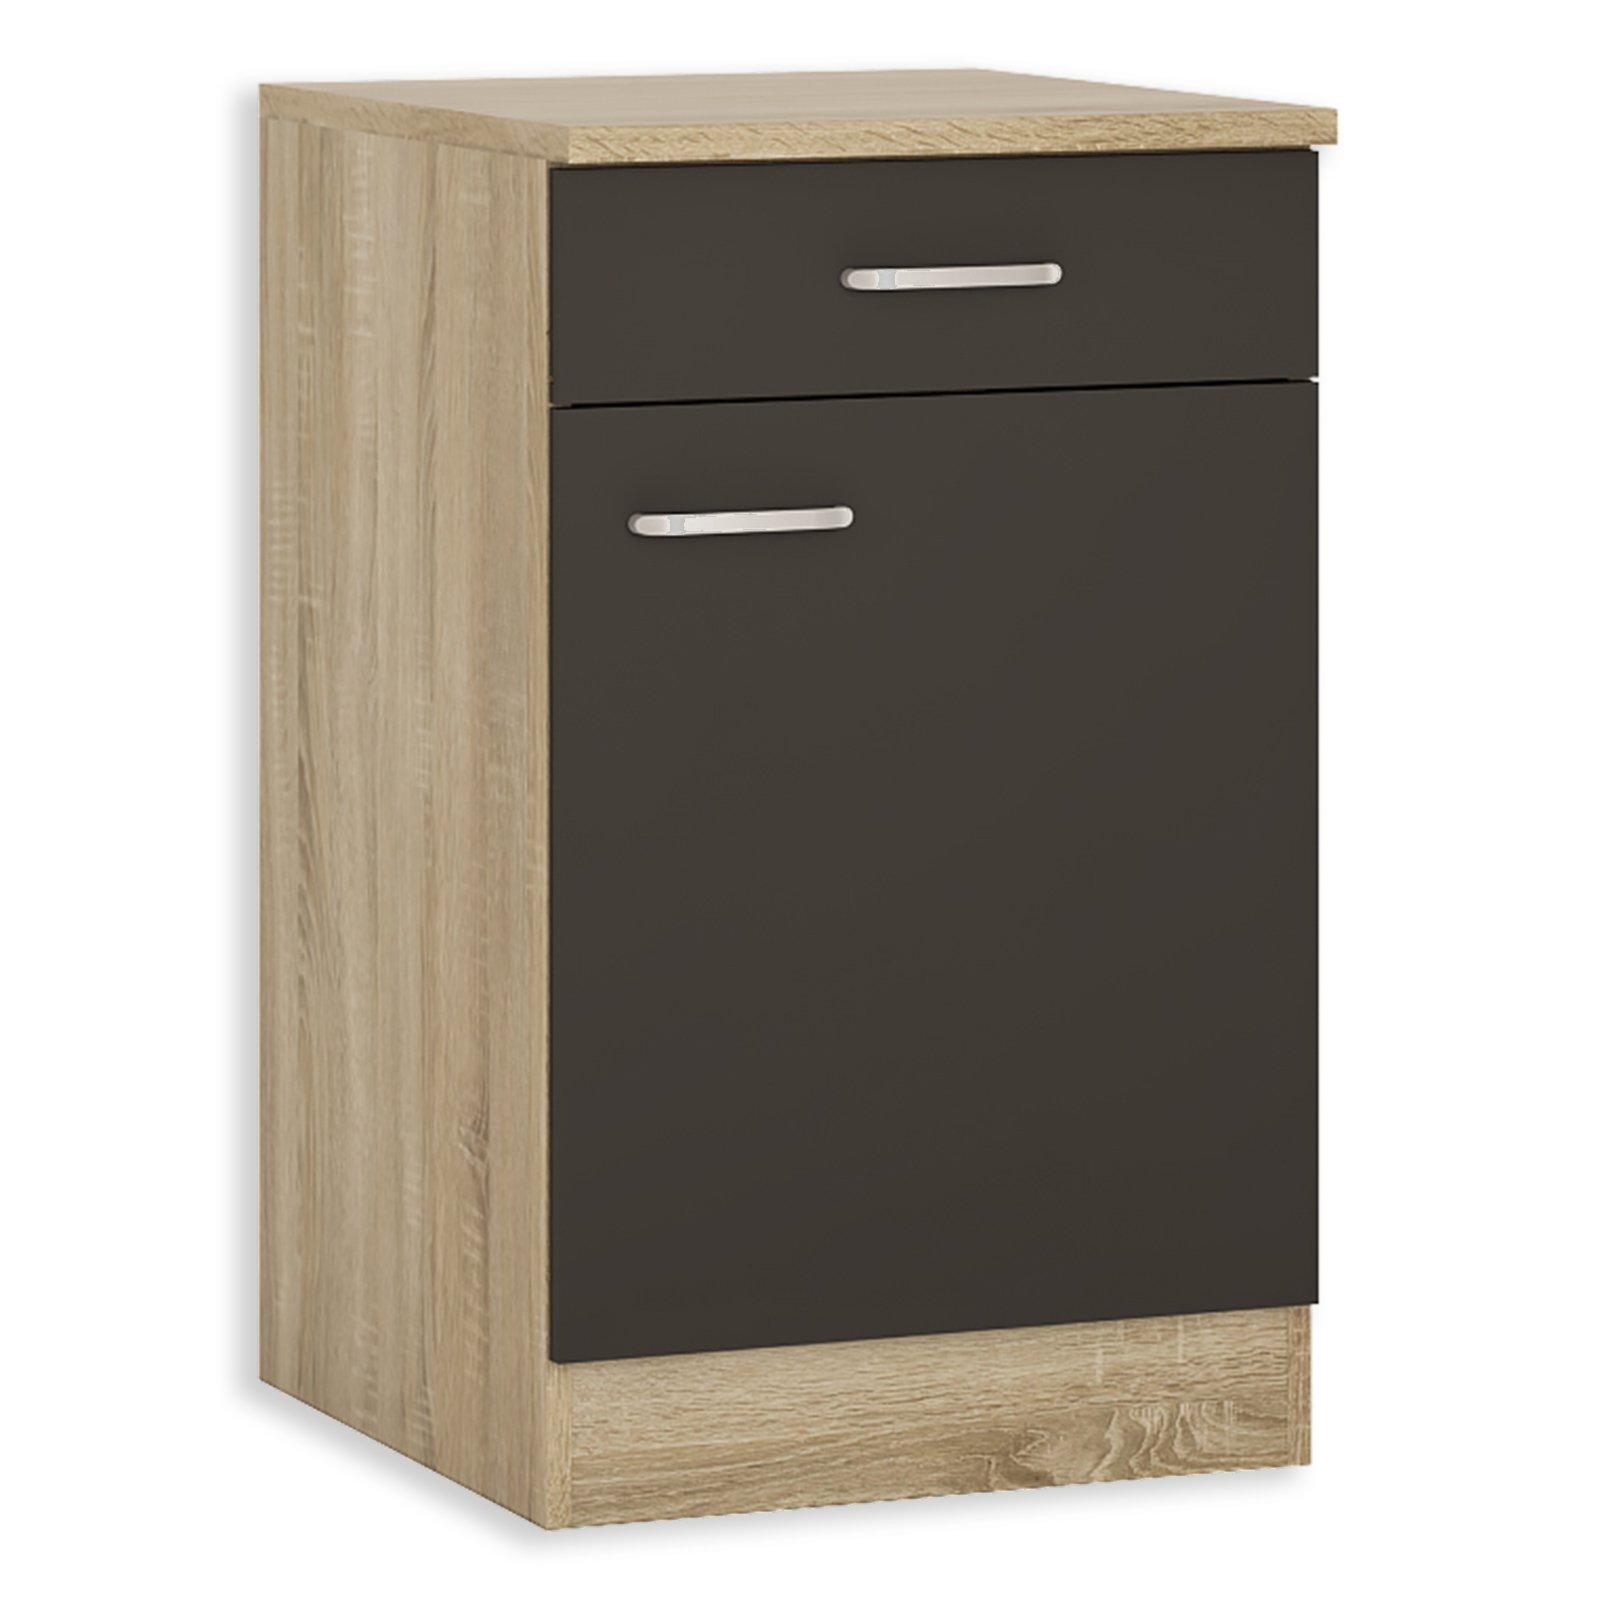 anrichte fox anthrazit sonoma eiche 50 cm breit unterschr nke einzelschr nke. Black Bedroom Furniture Sets. Home Design Ideas